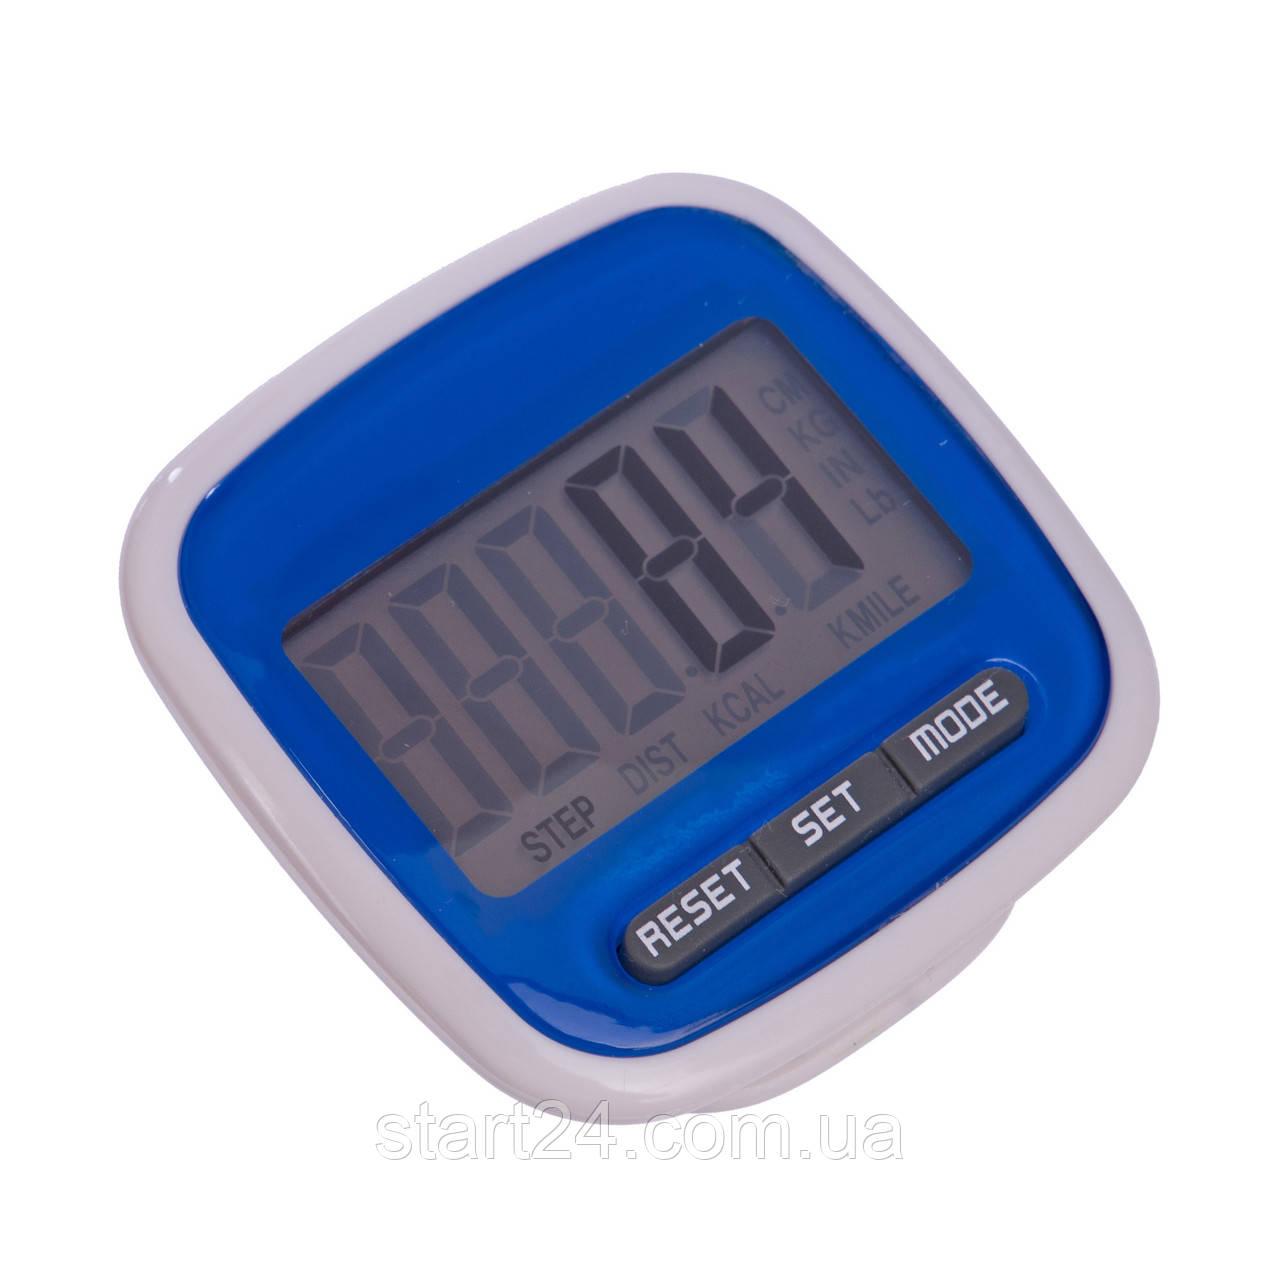 Шагомер электронный с клипсой C-2979 (667) (пластик, 3 в 1 калории, кол-во шагов, расстояние)